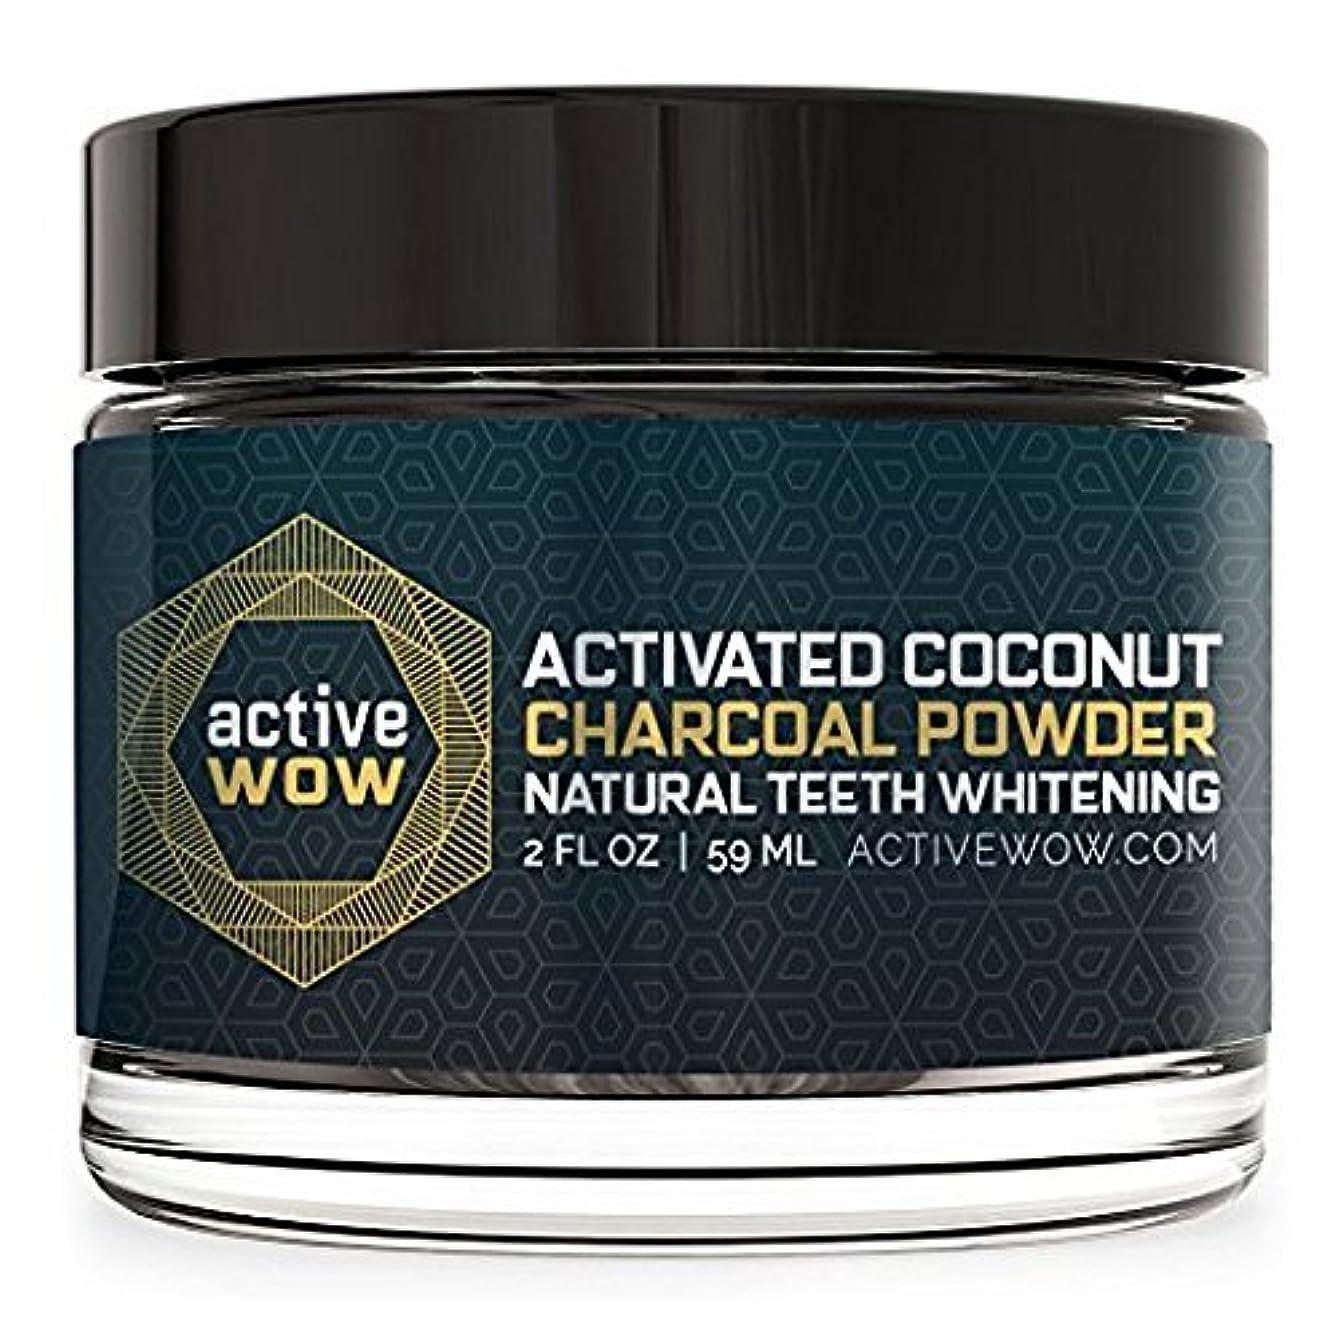 引き渡す視聴者特権アメリカで売れている 炭パウダー歯のホワイトニング Teeth Whitening Charcoal Powder Natural [並行輸入品]